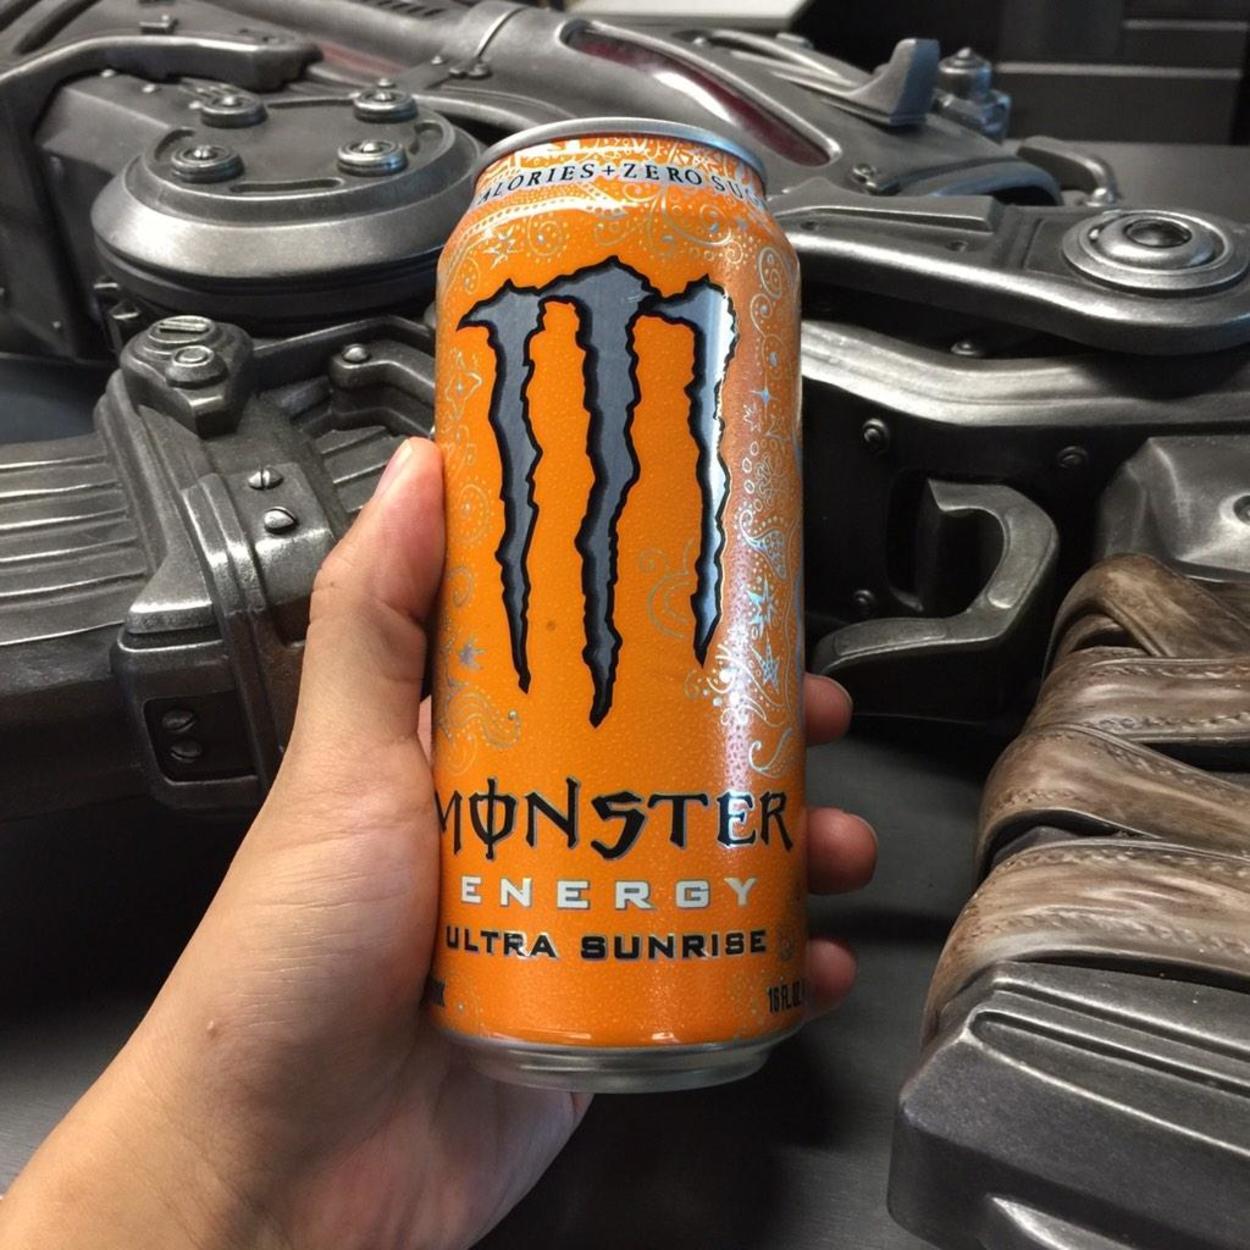 Monster Energy Ultra Sunrise.